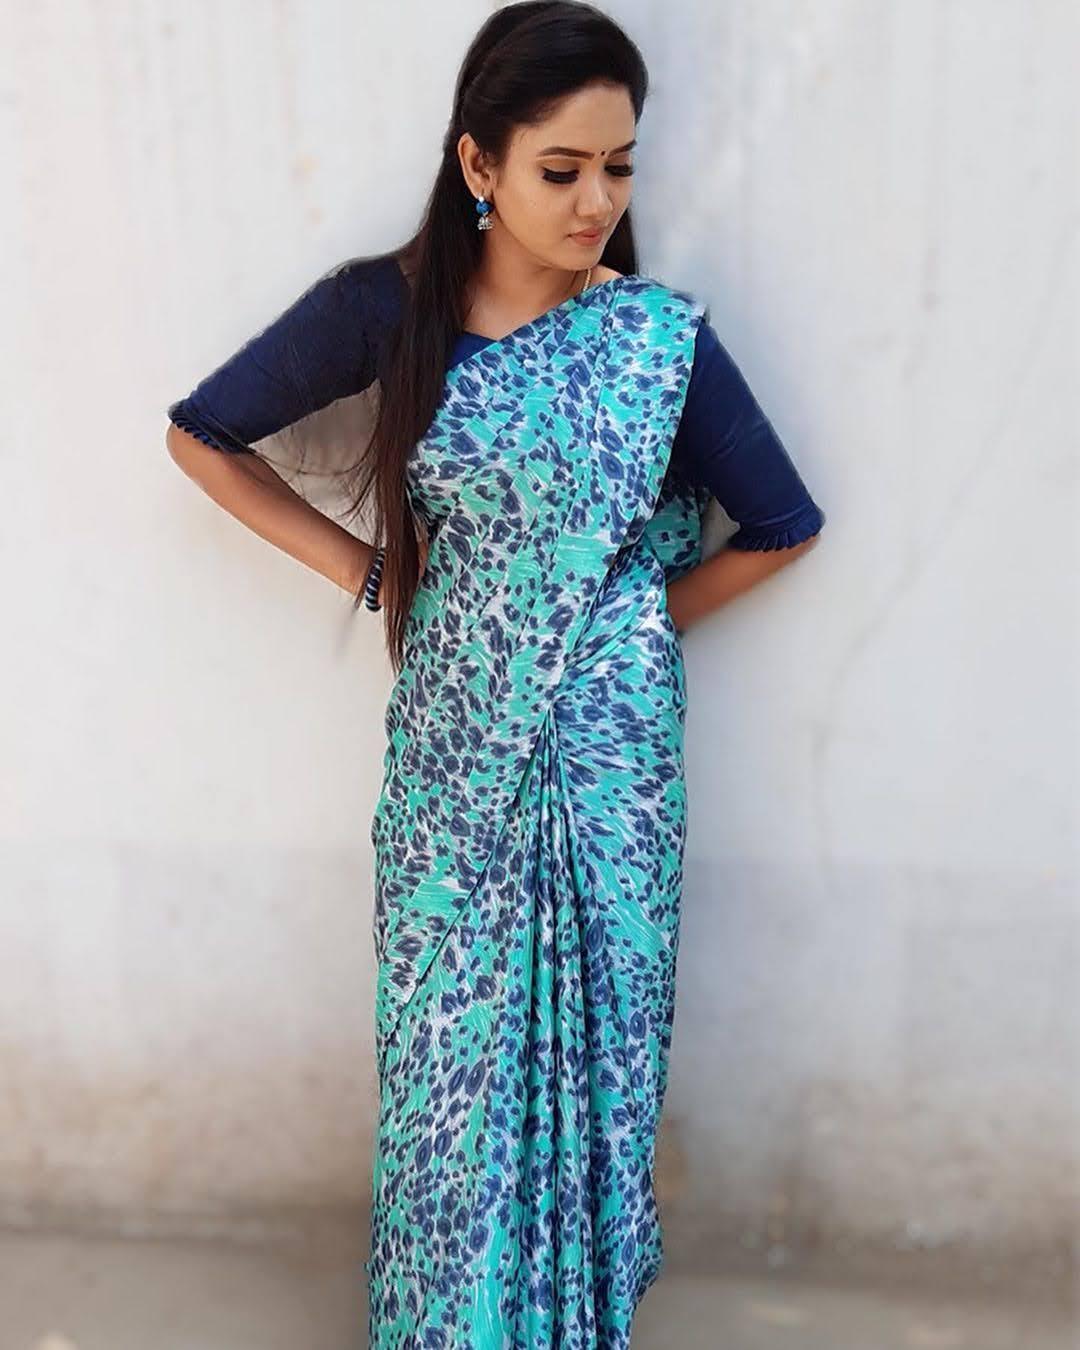 sai-gayatri-bhuvanesh-8731